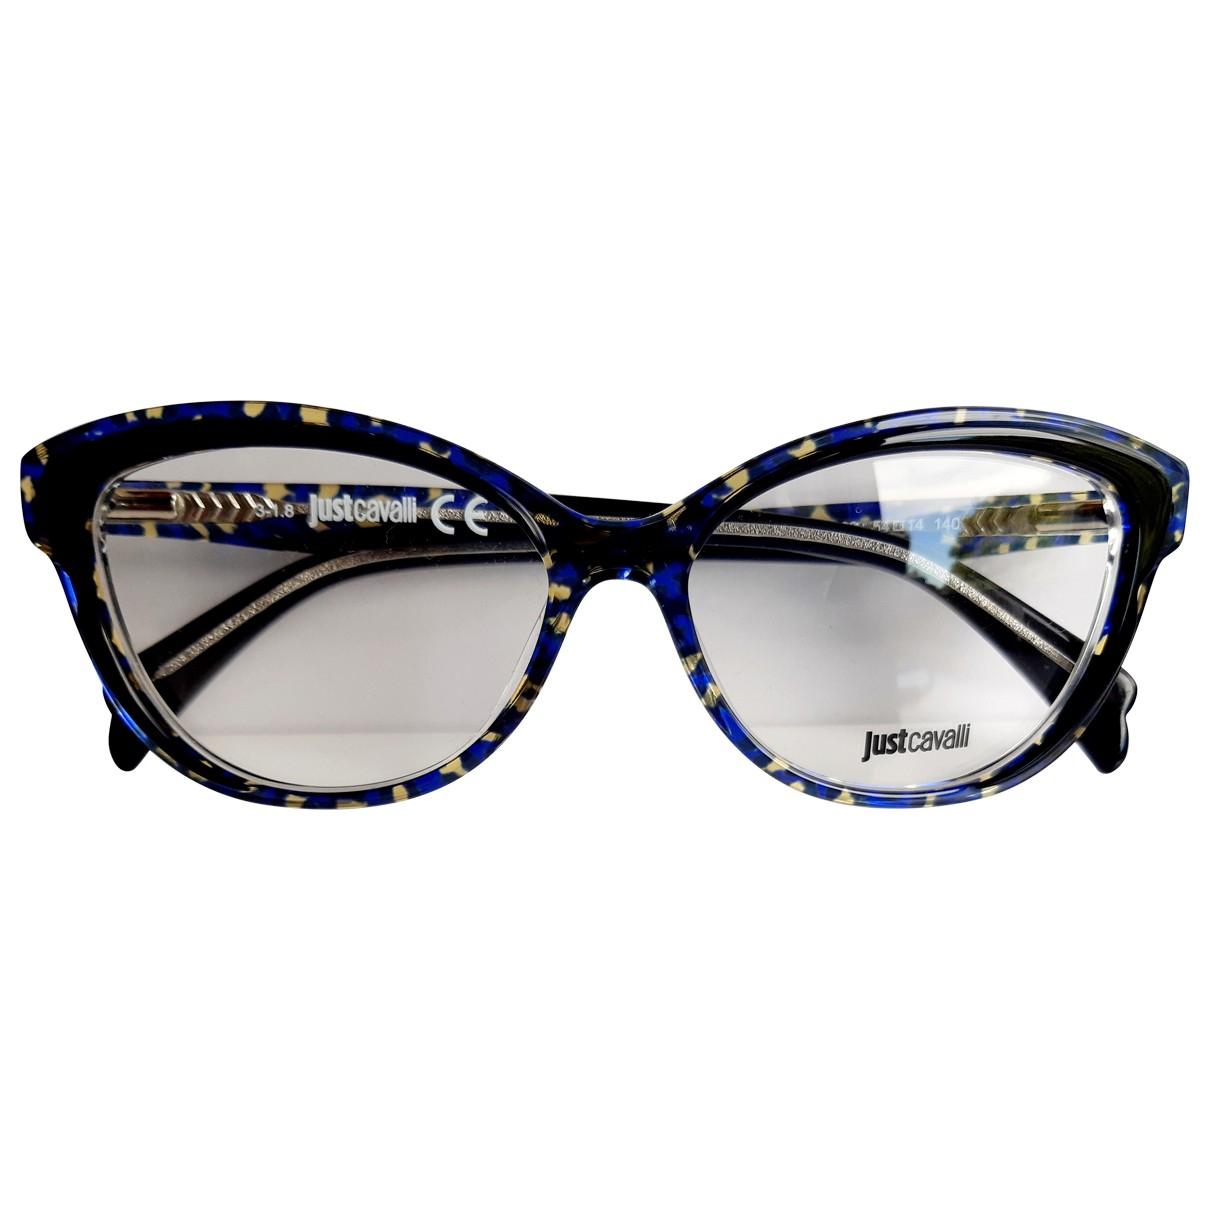 Just Cavalli - Lunettes   pour femme - bleu